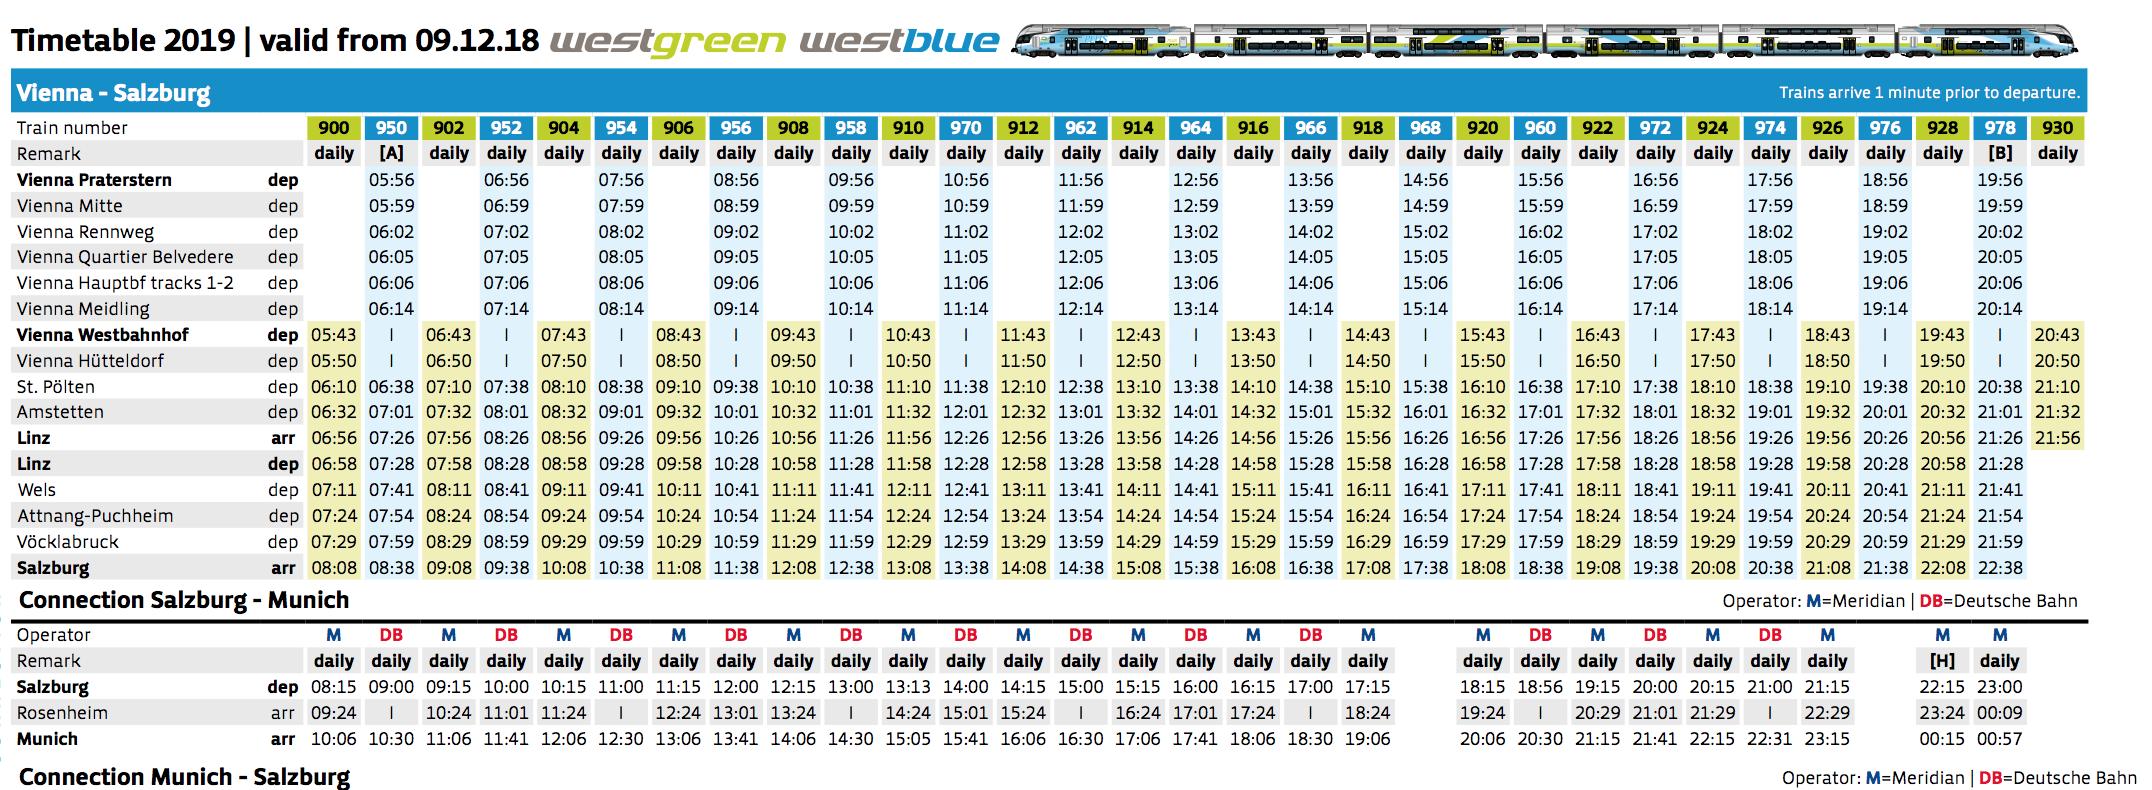 Расписание поездов Westbahn